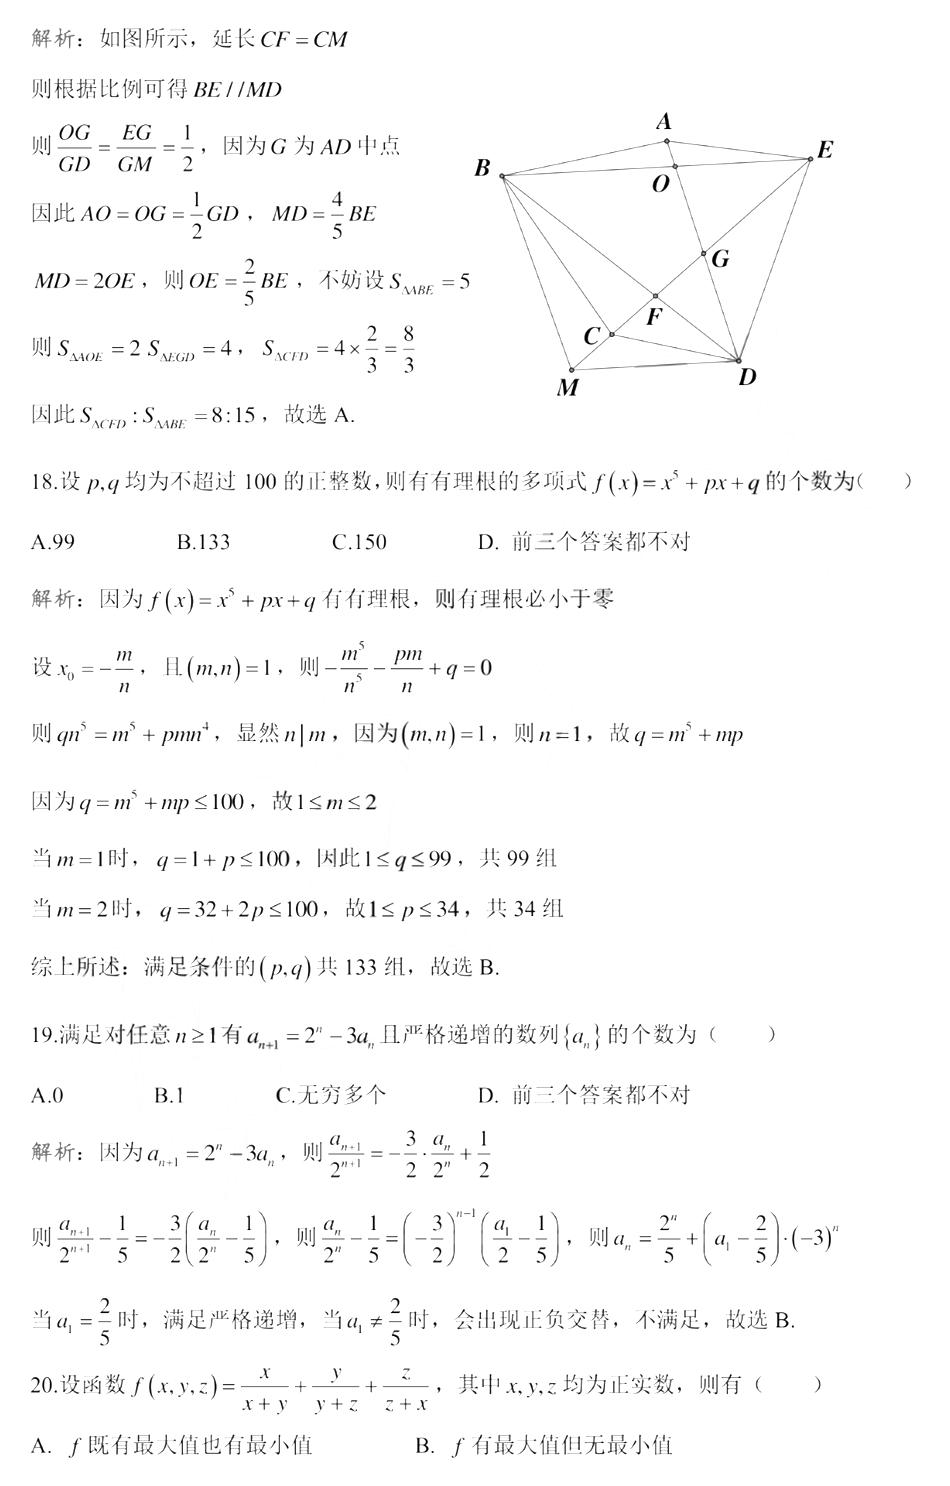 北京大學2020年強基計劃數學試題參考答案(完整版)